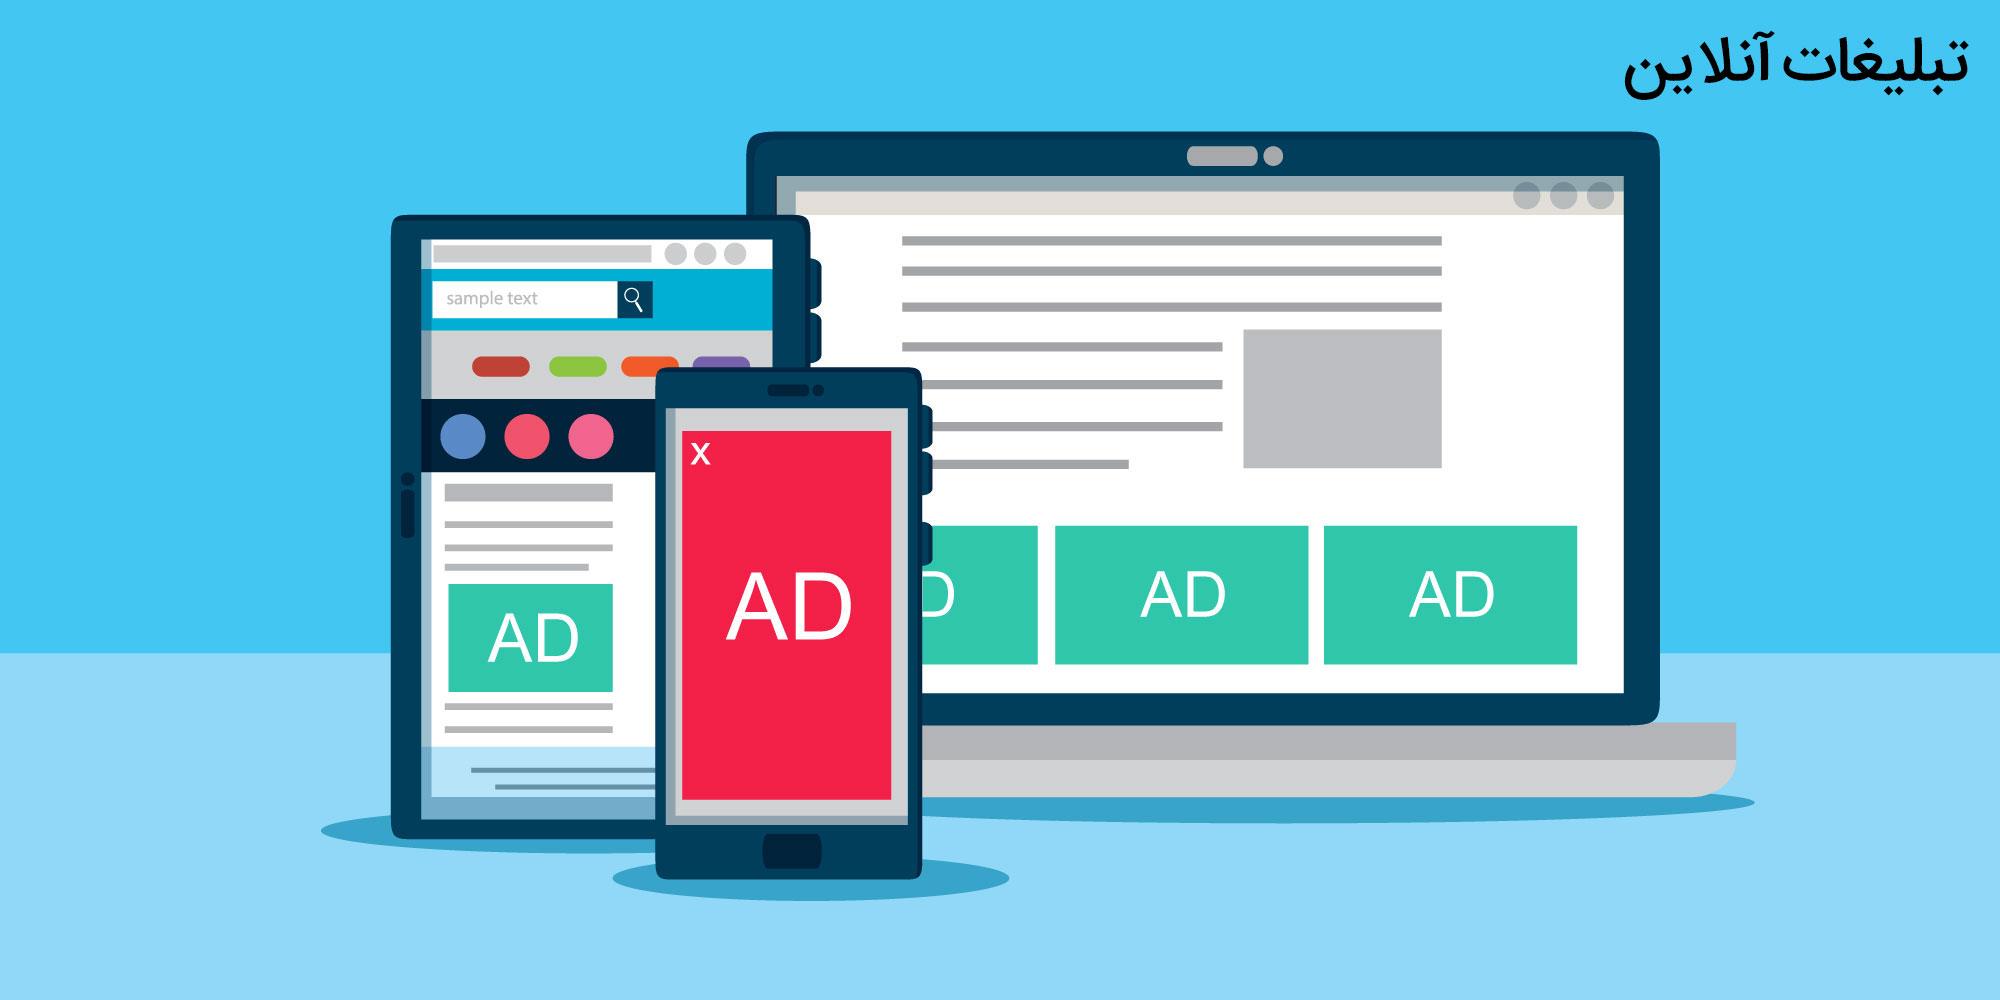 تبلیغات آنلاین یا بازاریابی دیجیتال